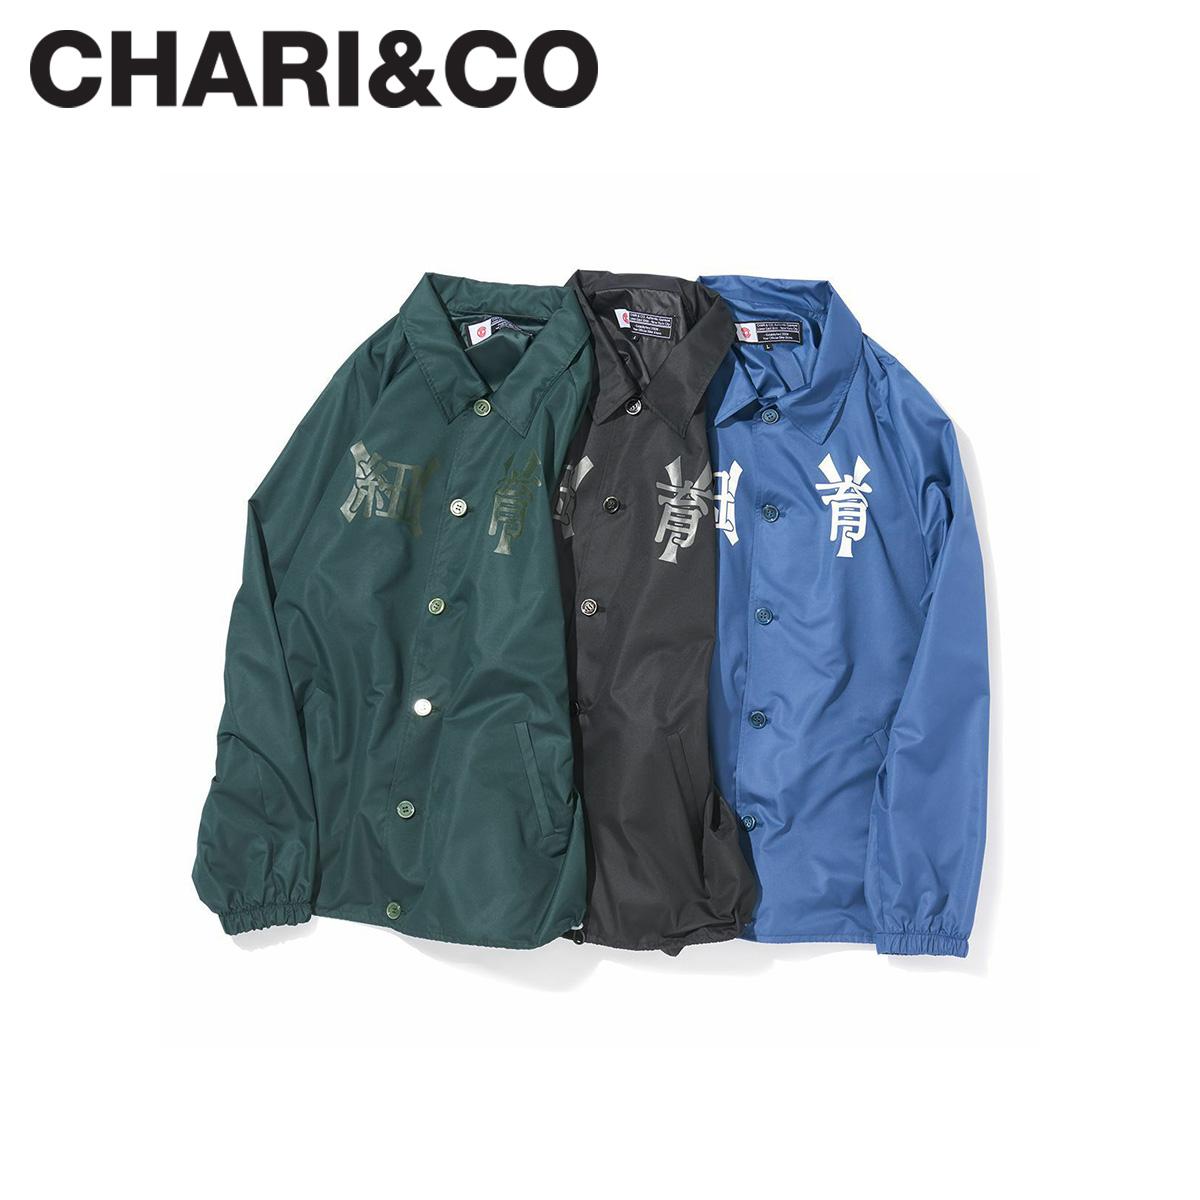 【最大2000円OFFクーポン】 CHARI&CO チャリアンドコー ジャケット コーチジャケット メンズ CHINA TOWN GM JKT ブラック ブルー グリーン 黒